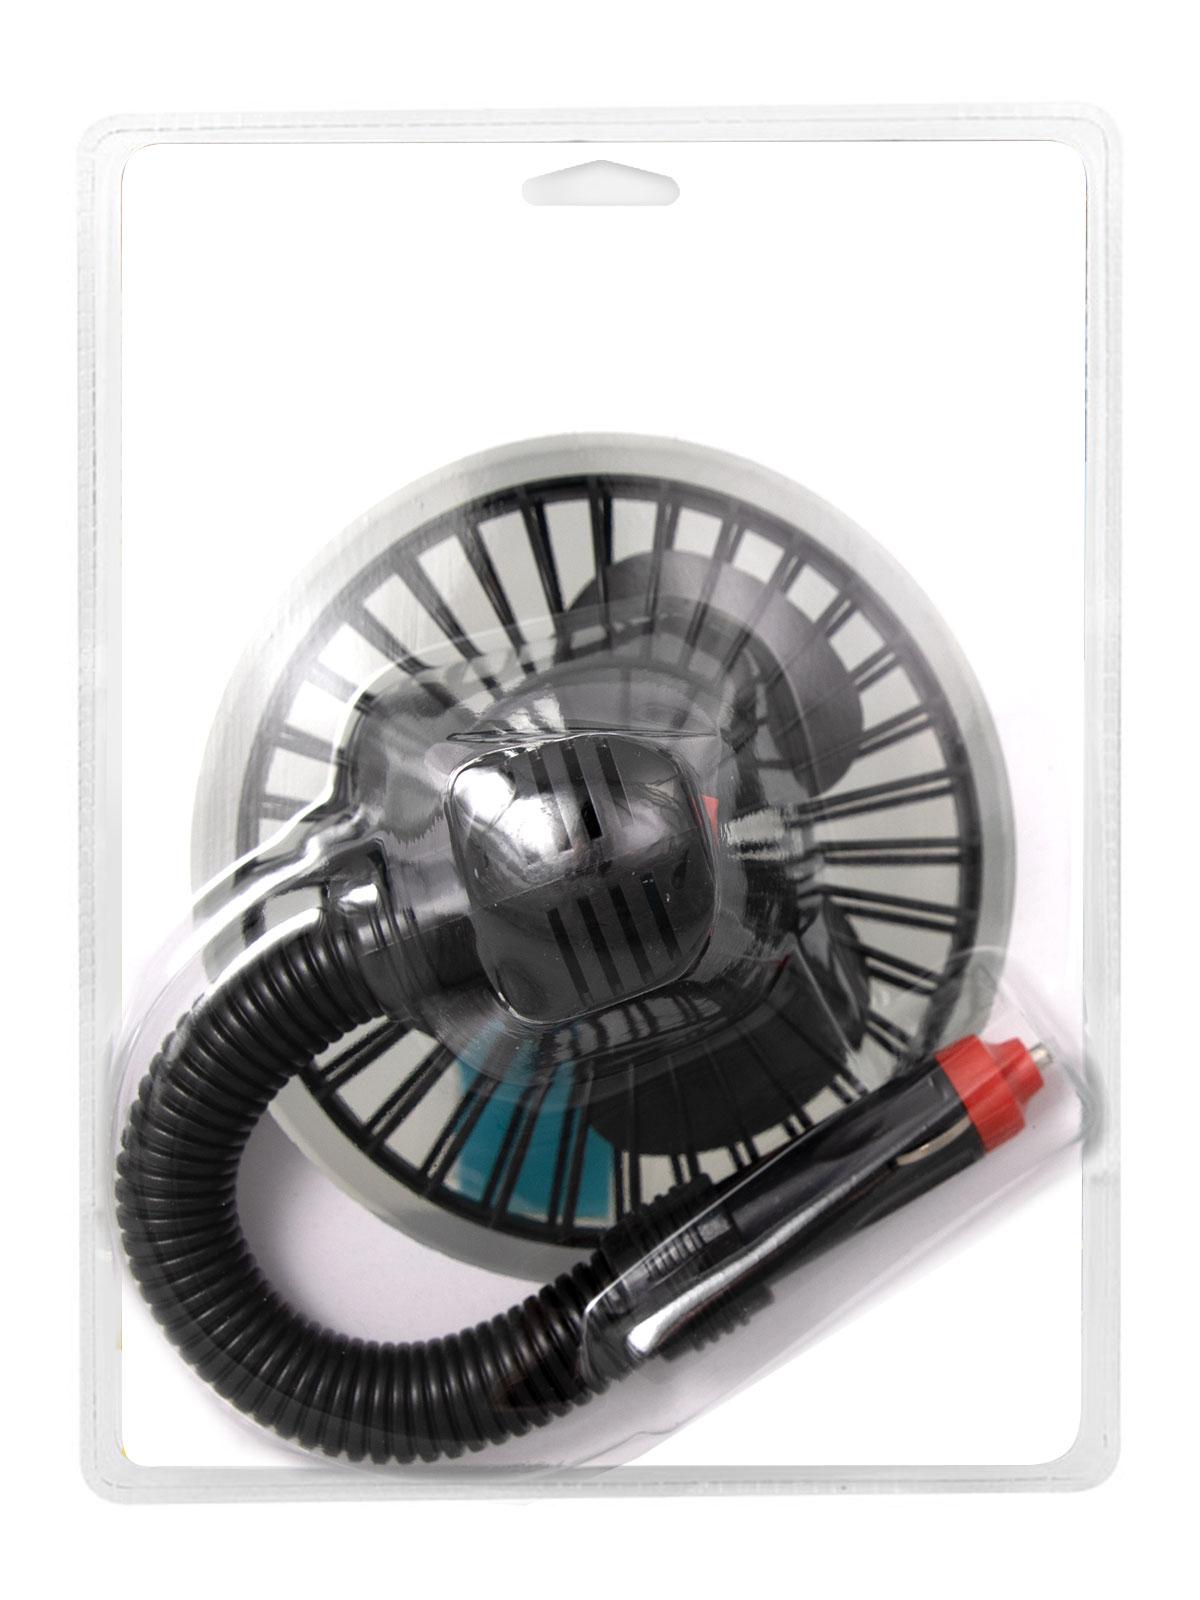 Вентилятор автомобильный, гибкий провод